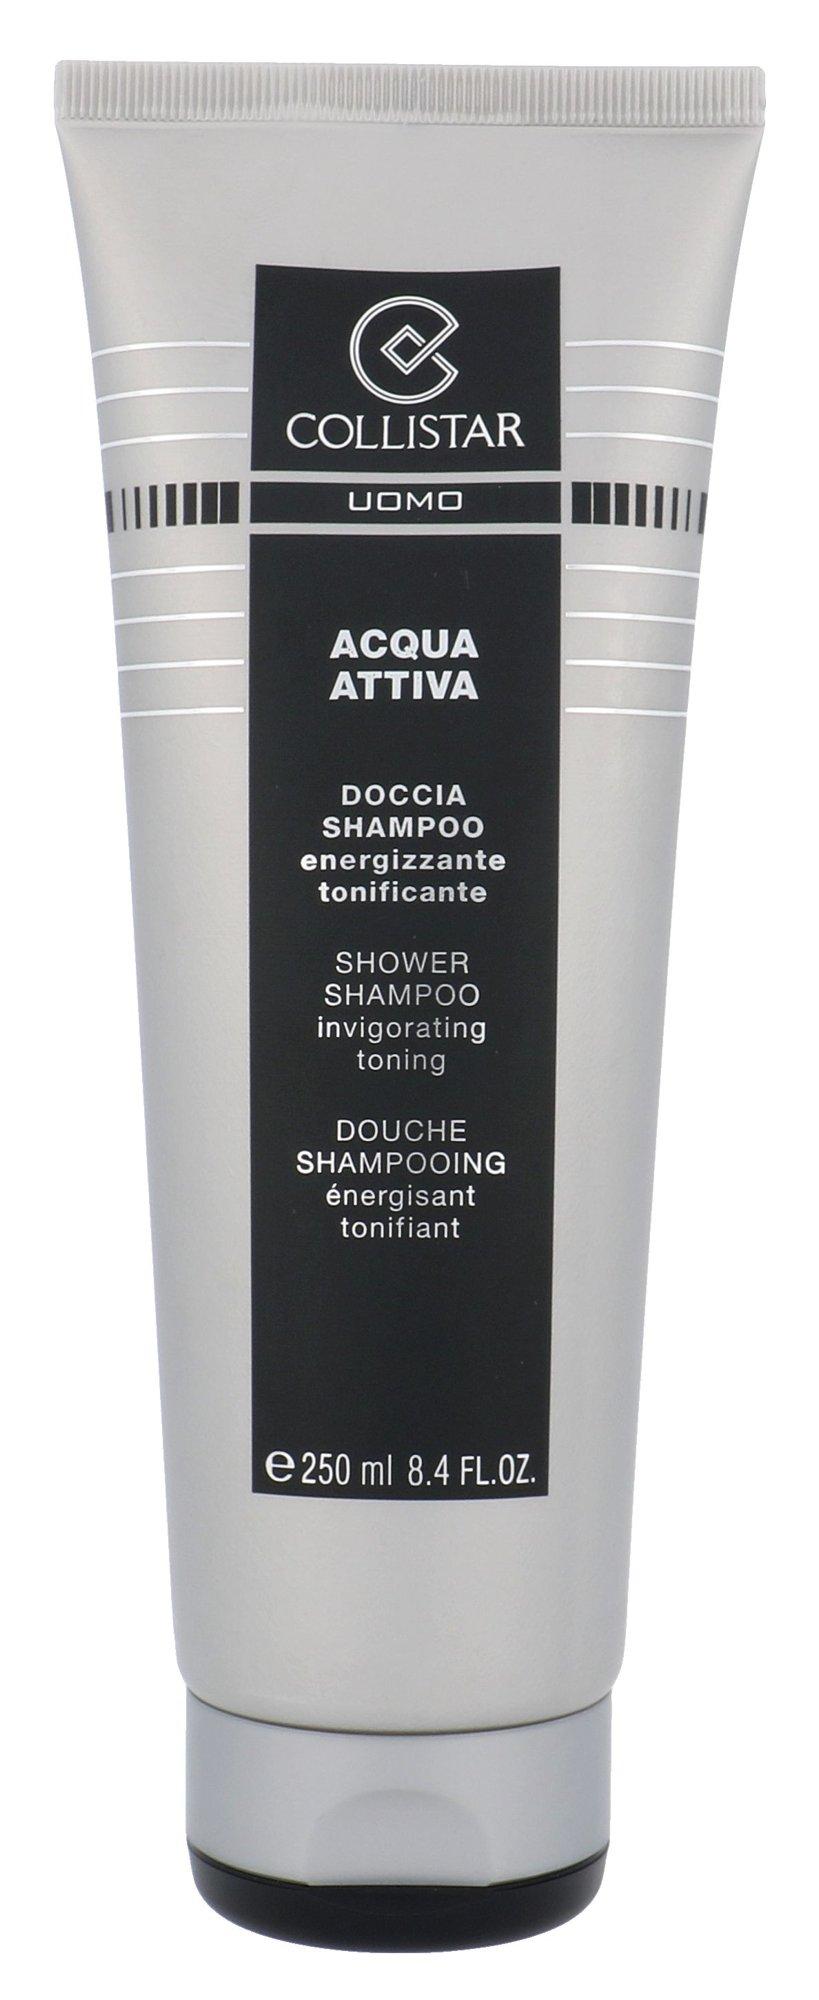 Collistar Acqua Attiva Cosmetic 250ml